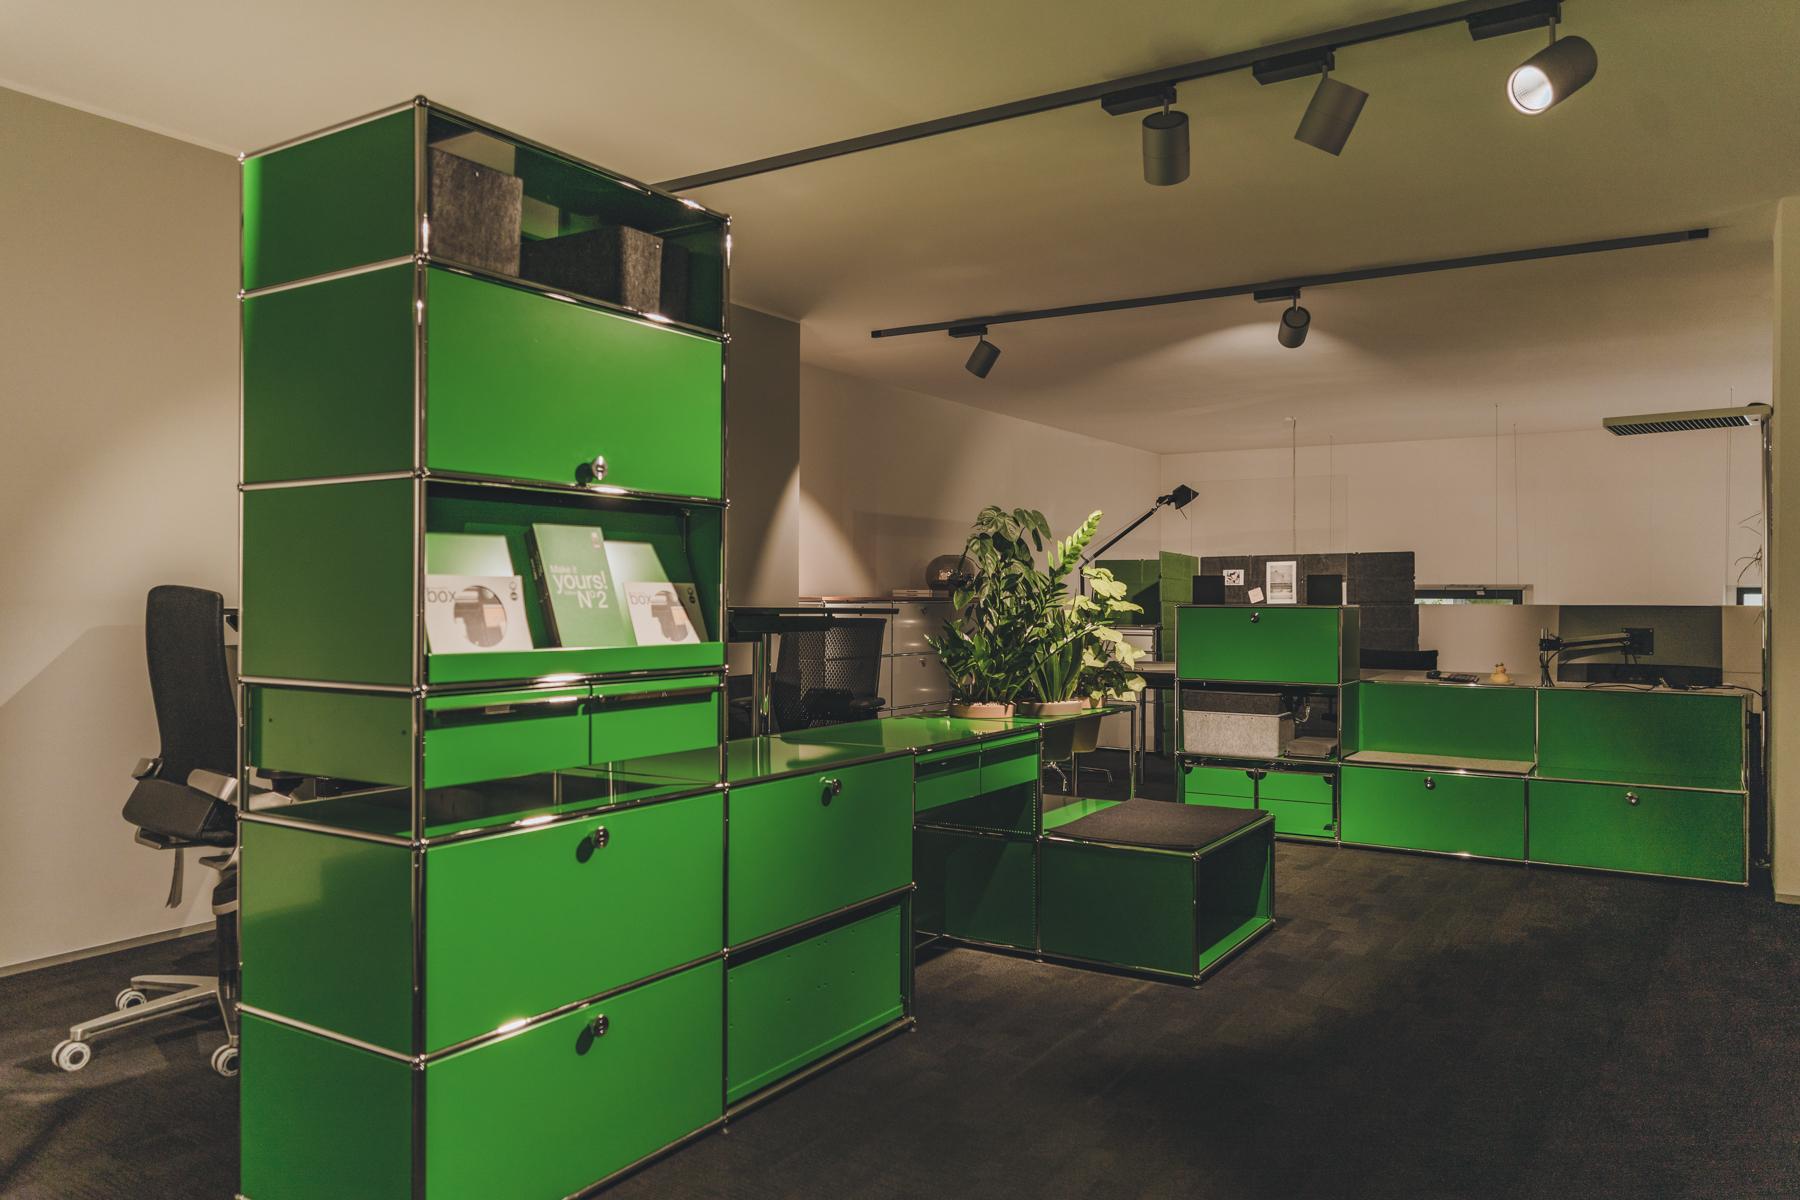 Geheimtipp Muenchen Laeden Interieur USMShowroom 21 – ©wunderland media GmbH